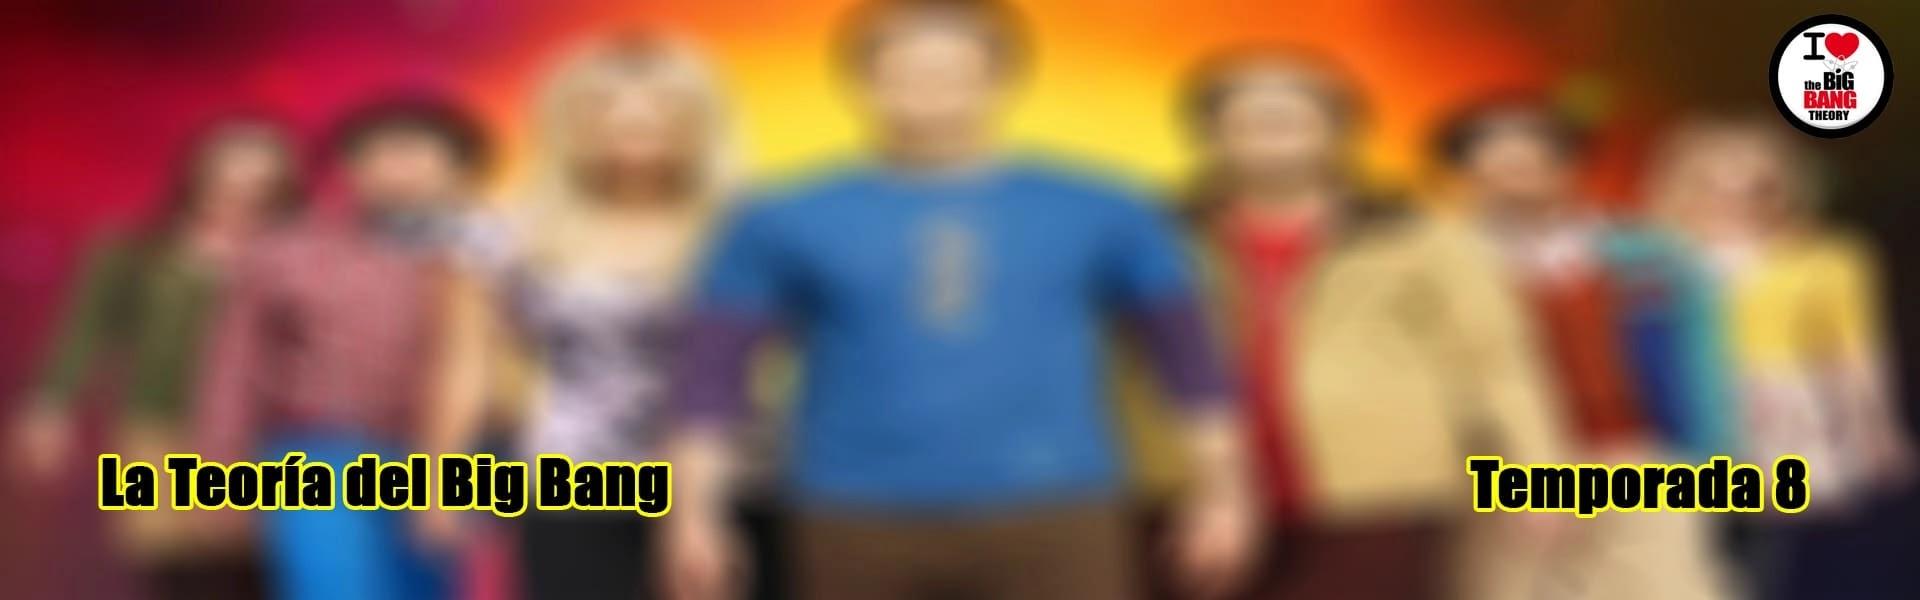 La Teoría del Big Bang Temporada 8